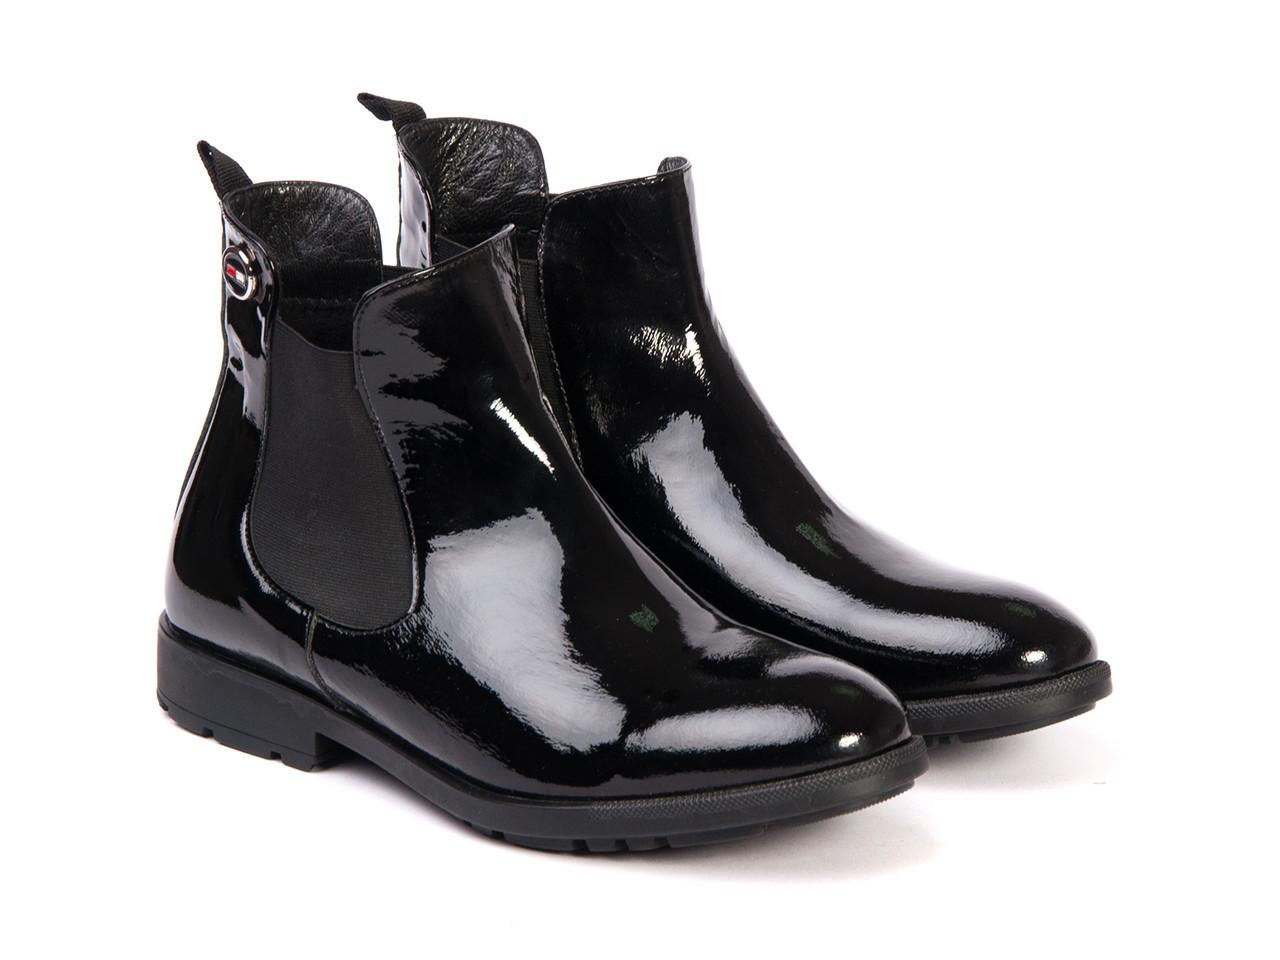 Ботинки Etor 4269-0-7134 37 черные